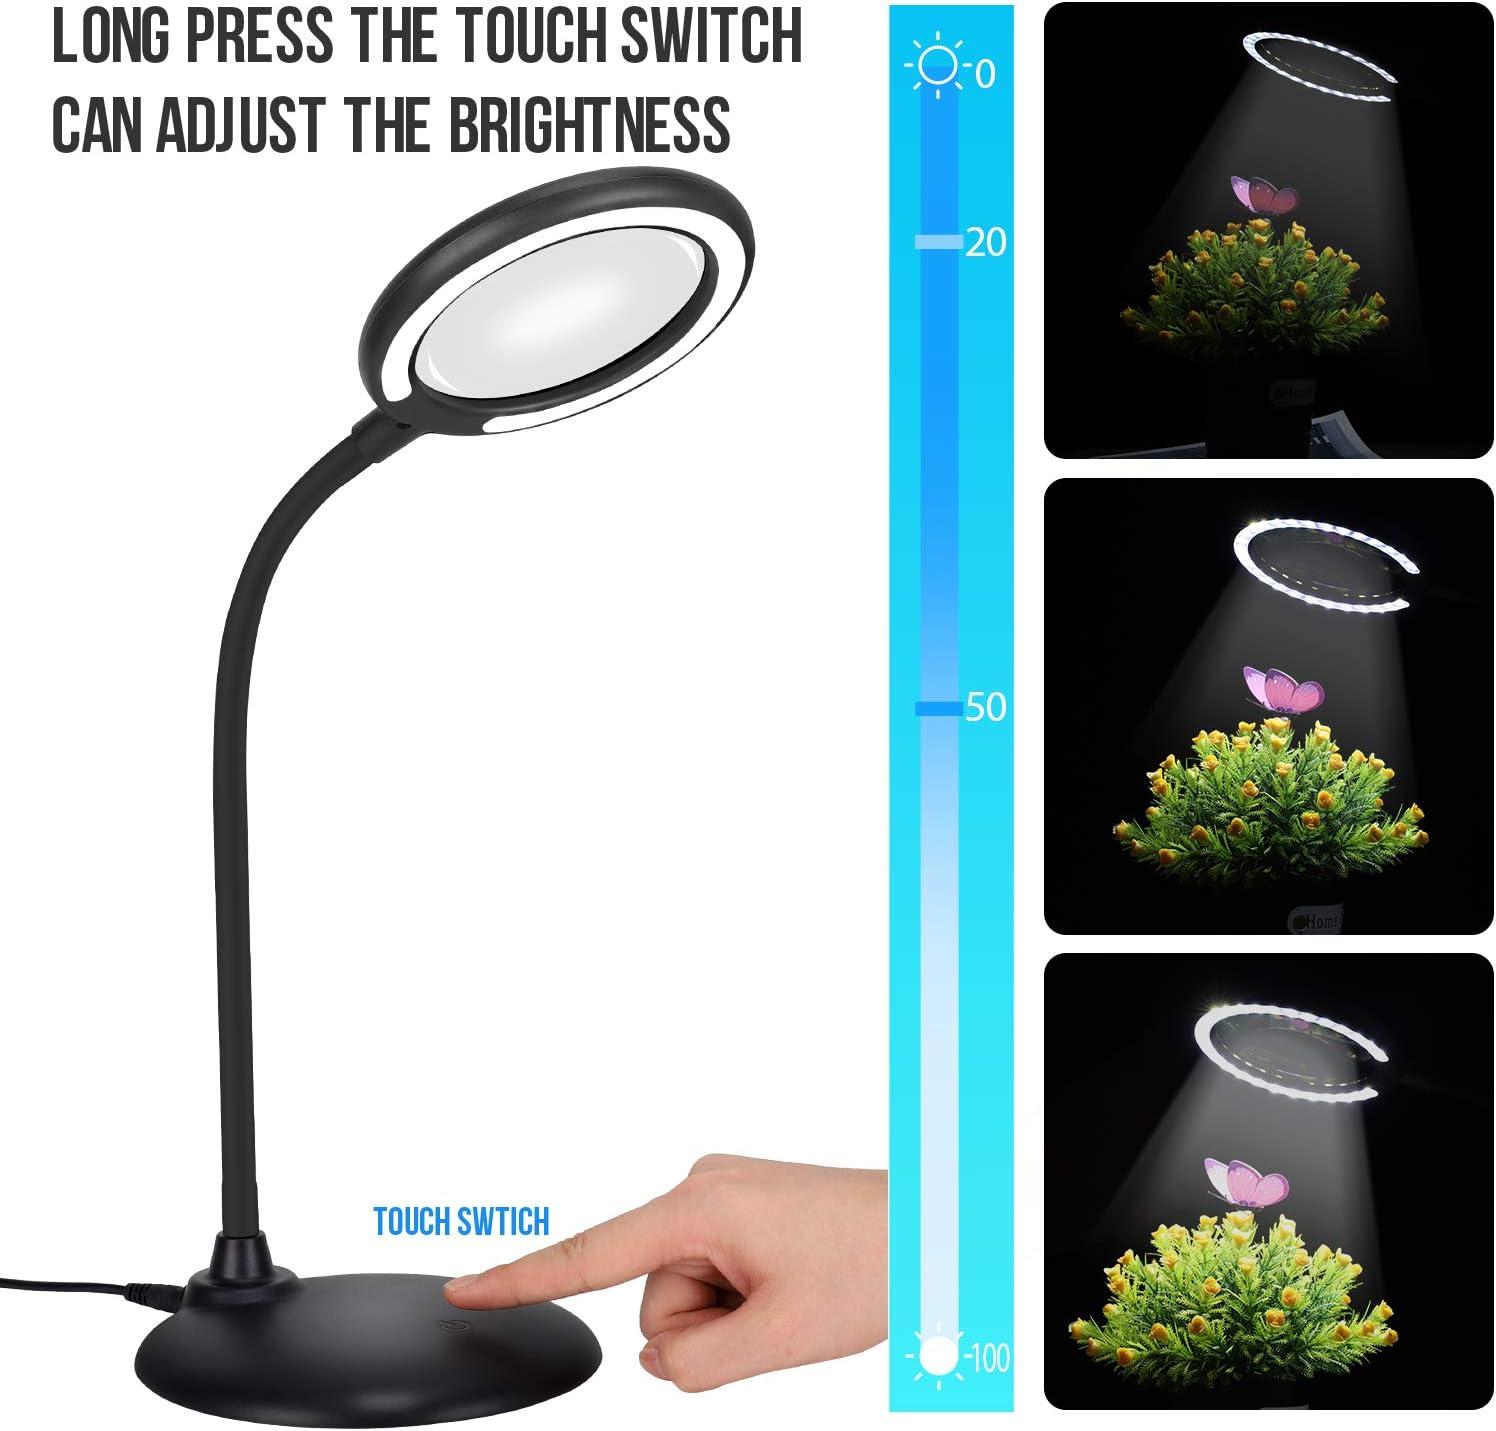 cucito LED 3X ingrandimento della lampada mani libere con luce per lavoro hobby artigianato ingrandimento del vetro con luce dimmerabile e supporto lettura nero